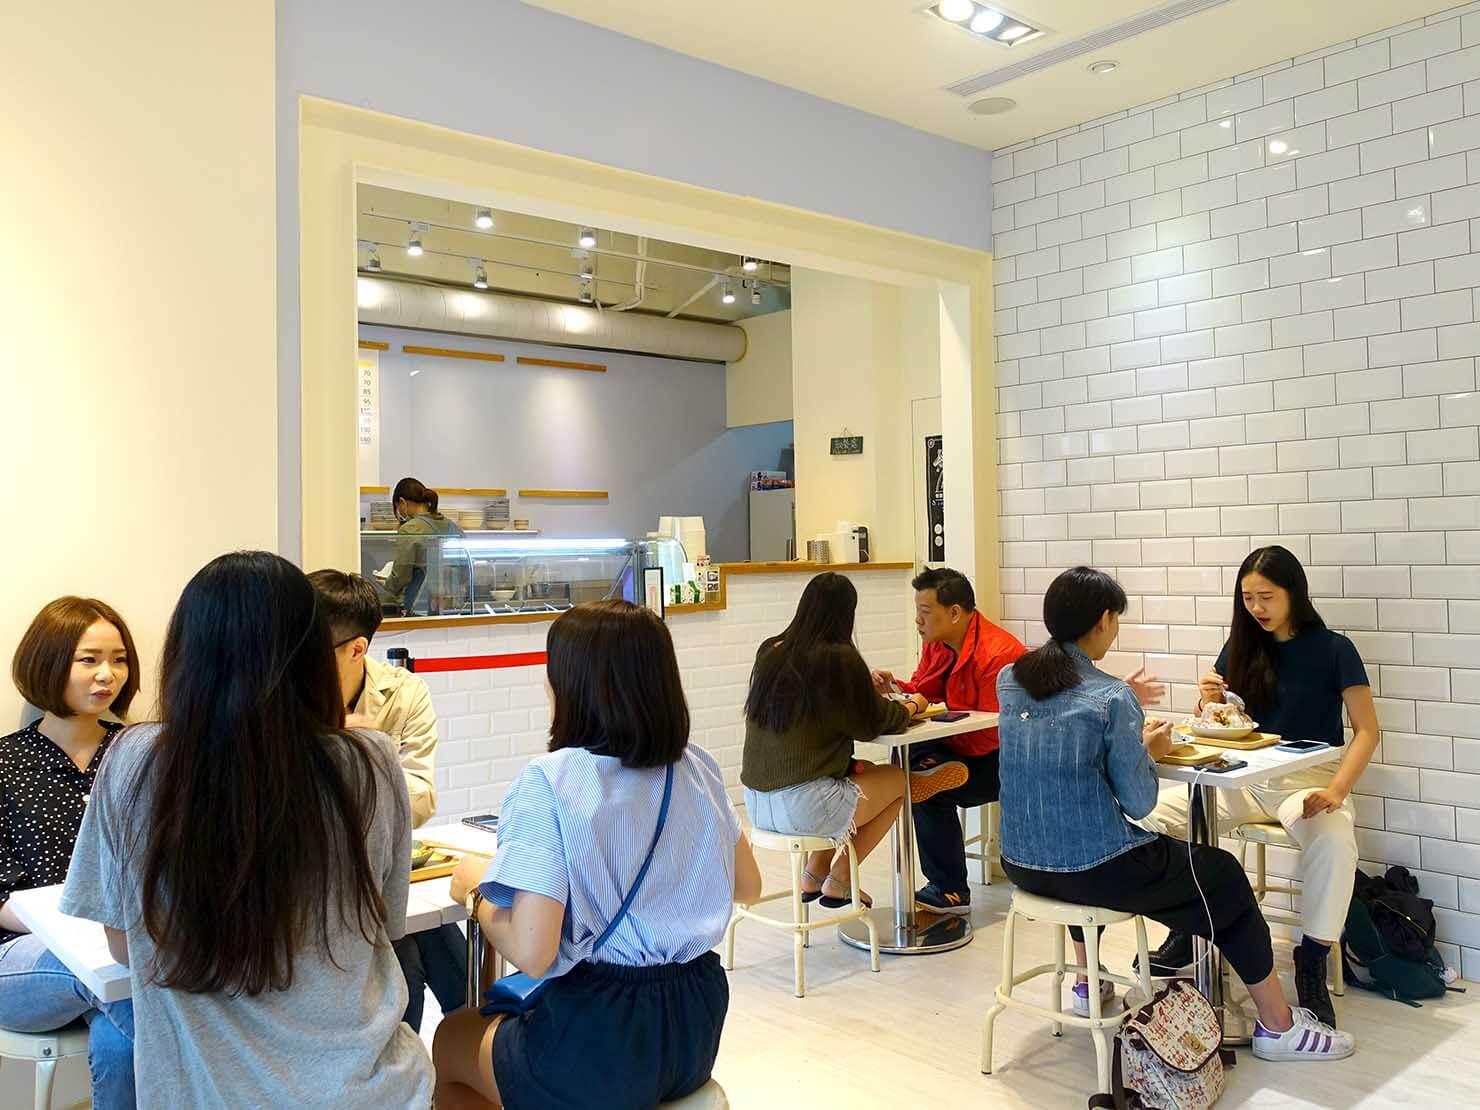 台北・南京復興駅周辺のおすすめグルメ店「春美冰菓室」の店内